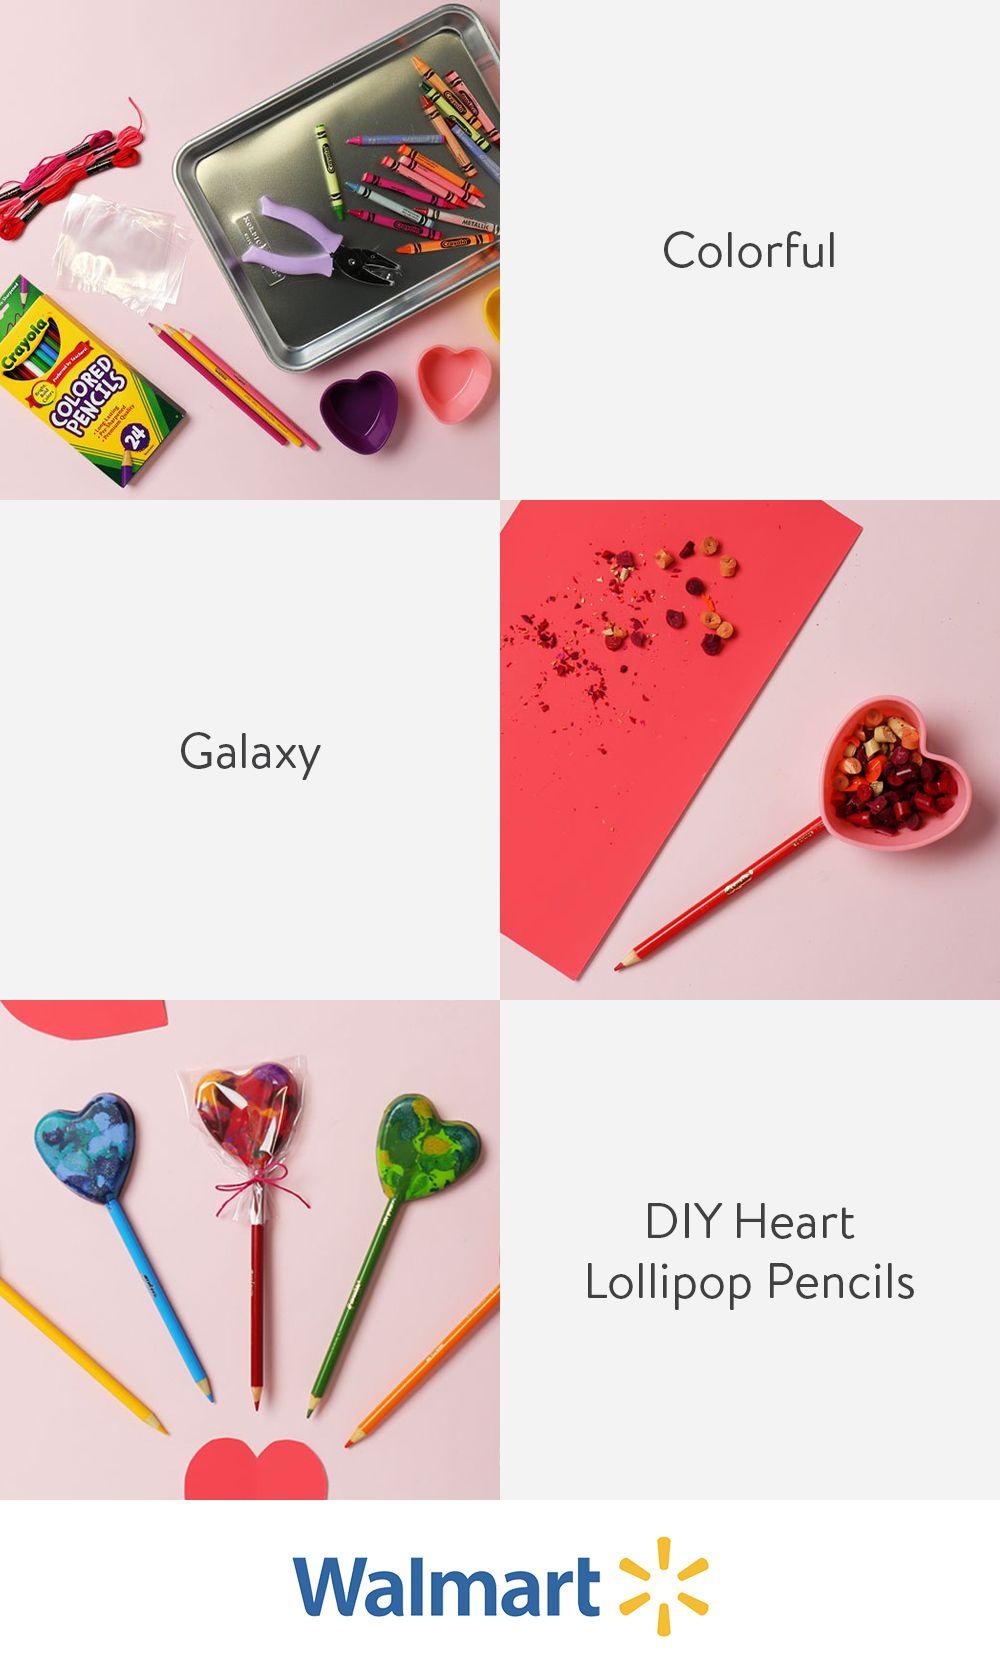 DIY Heart Lollipop Pencils